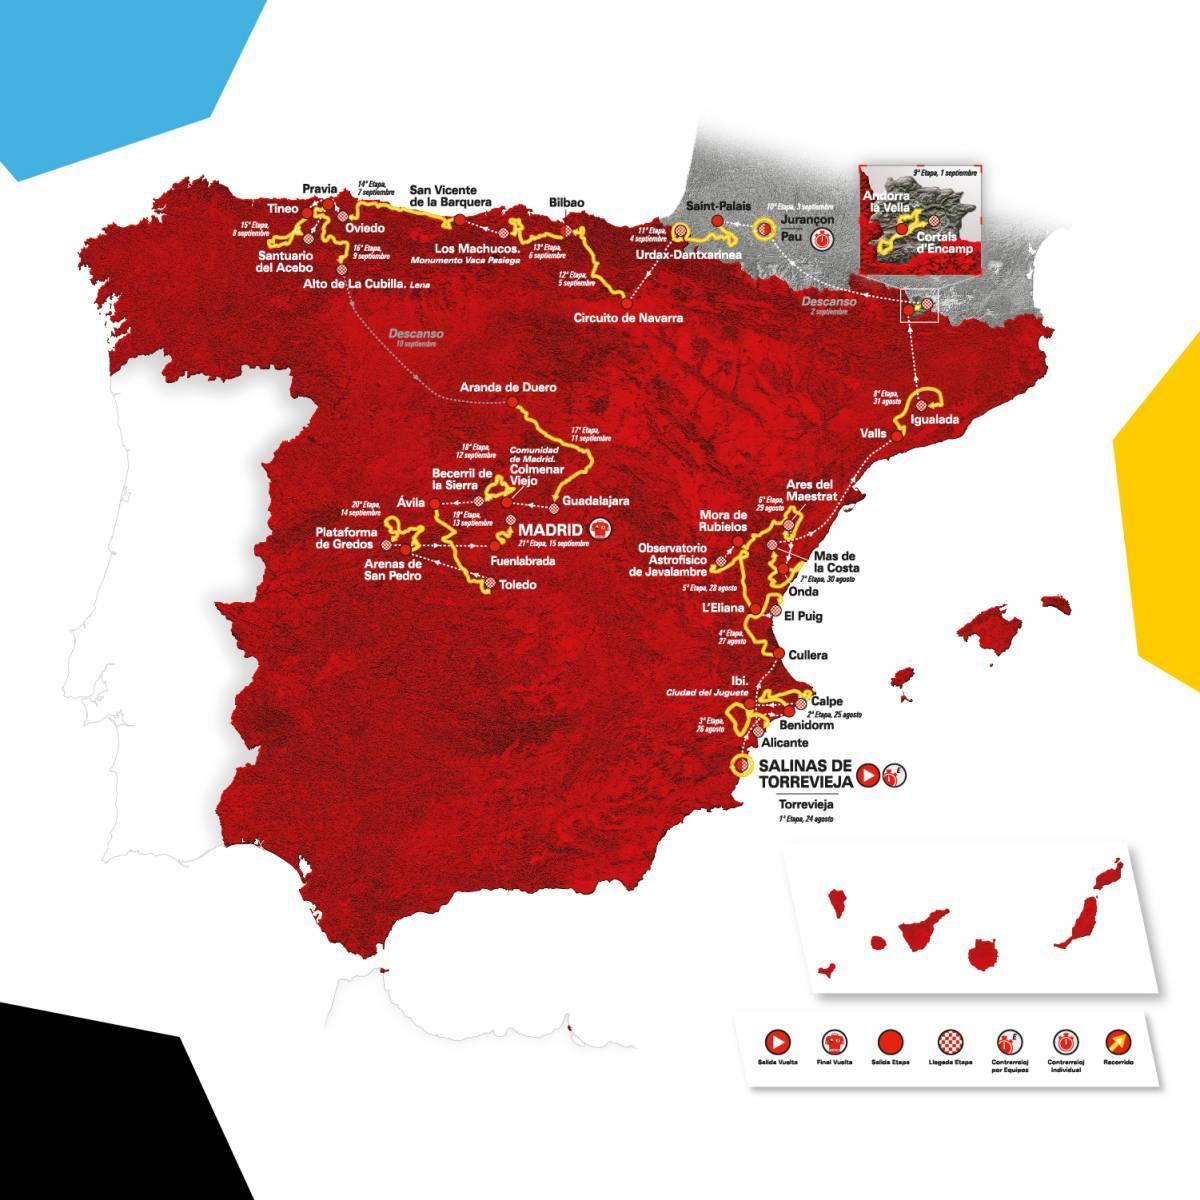 Parcours Vuelta, Tour d'Espagne 2019